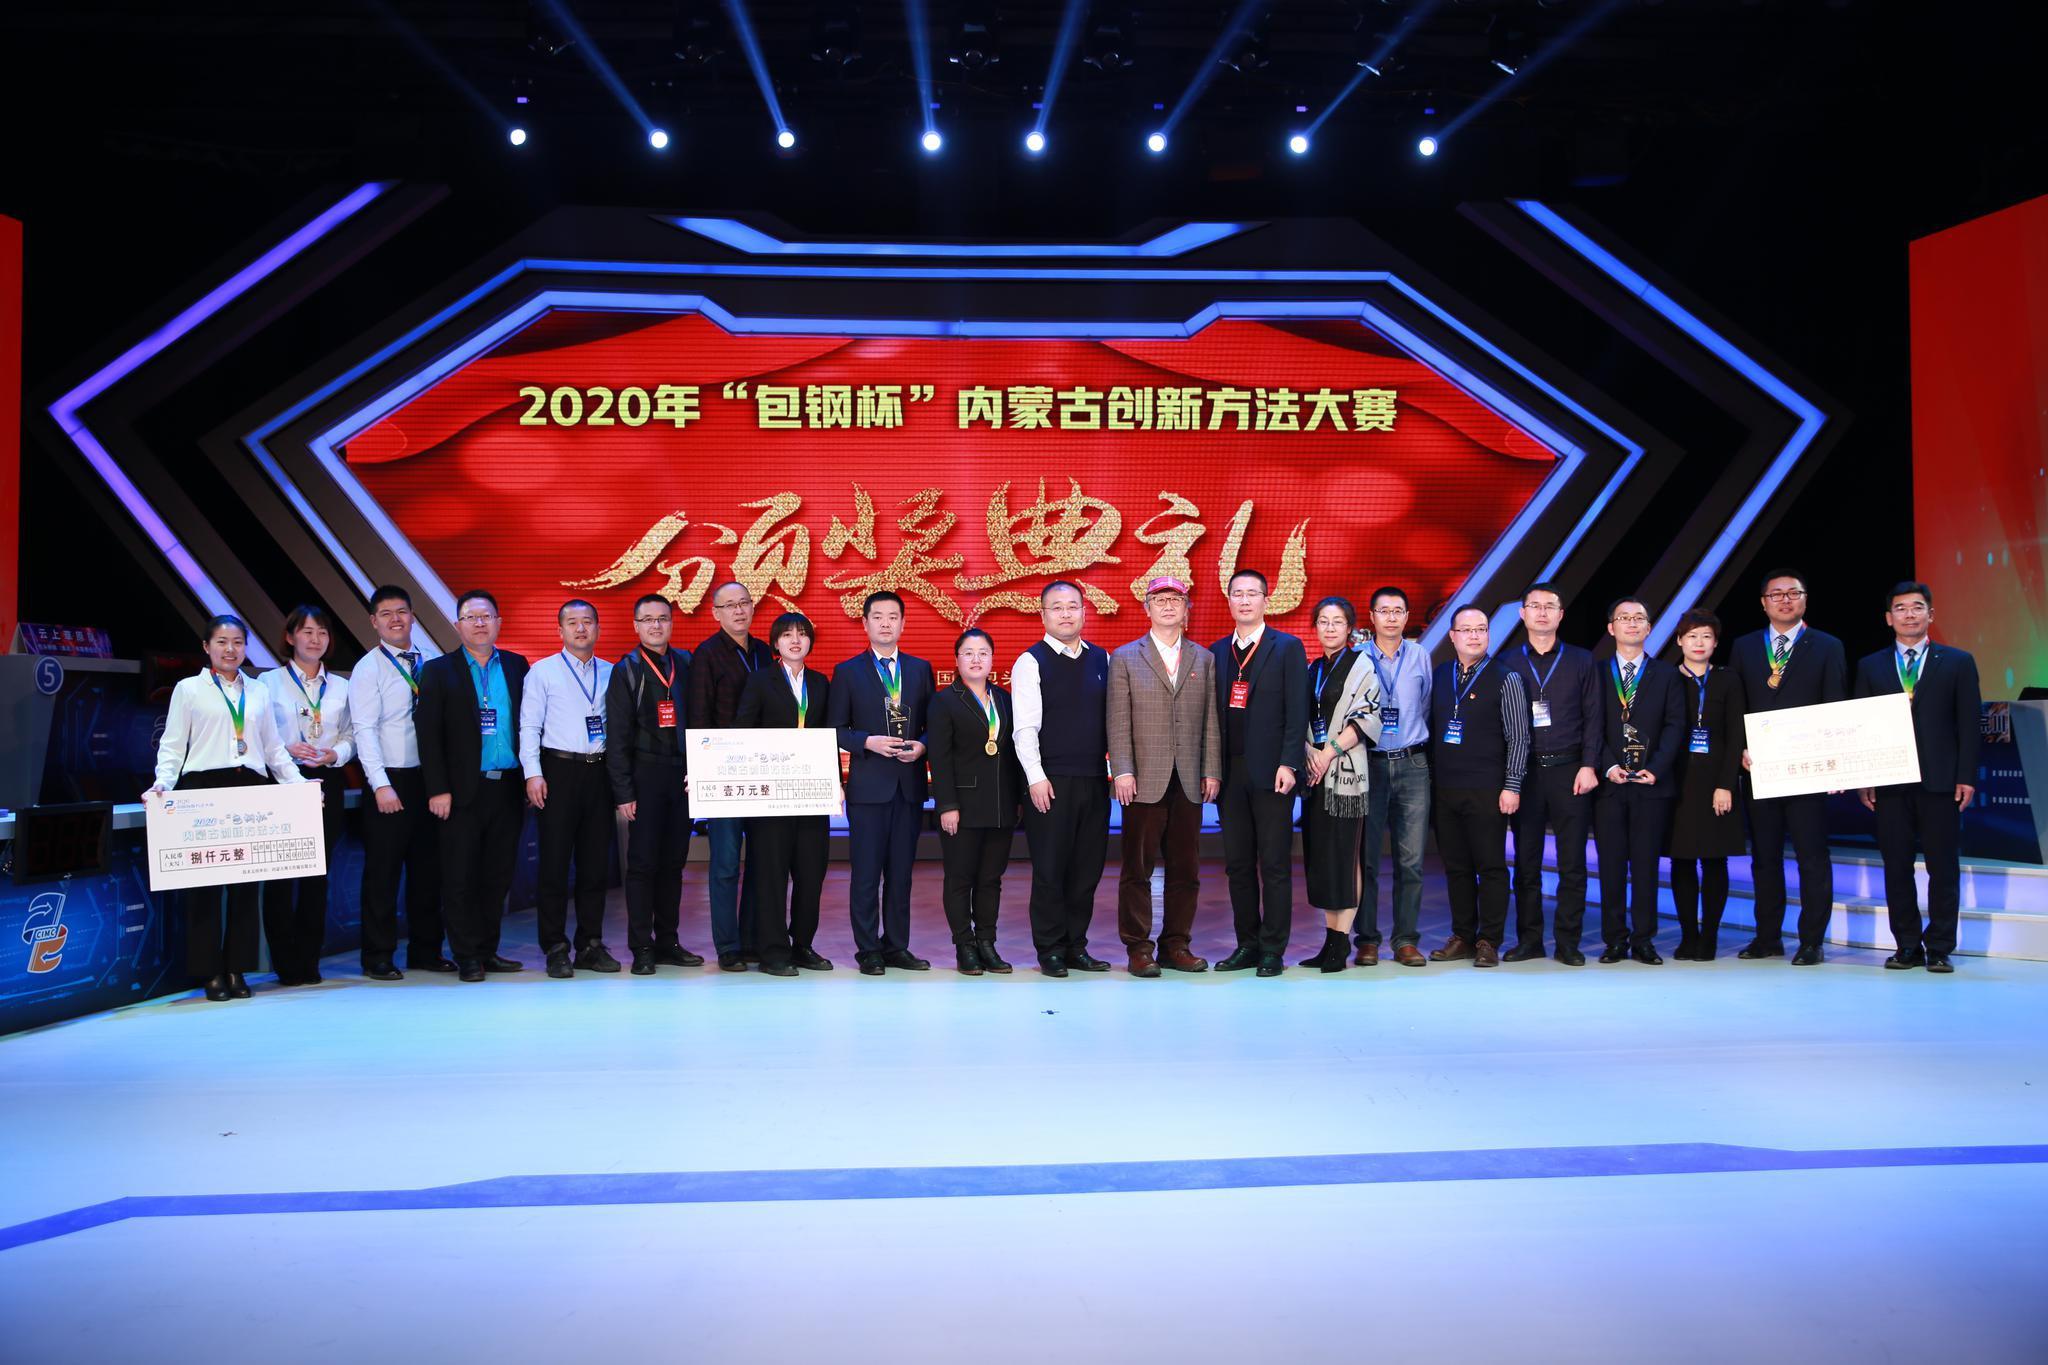 """2020年""""包钢杯""""内蒙古创新方法大赛 擂台赛"""